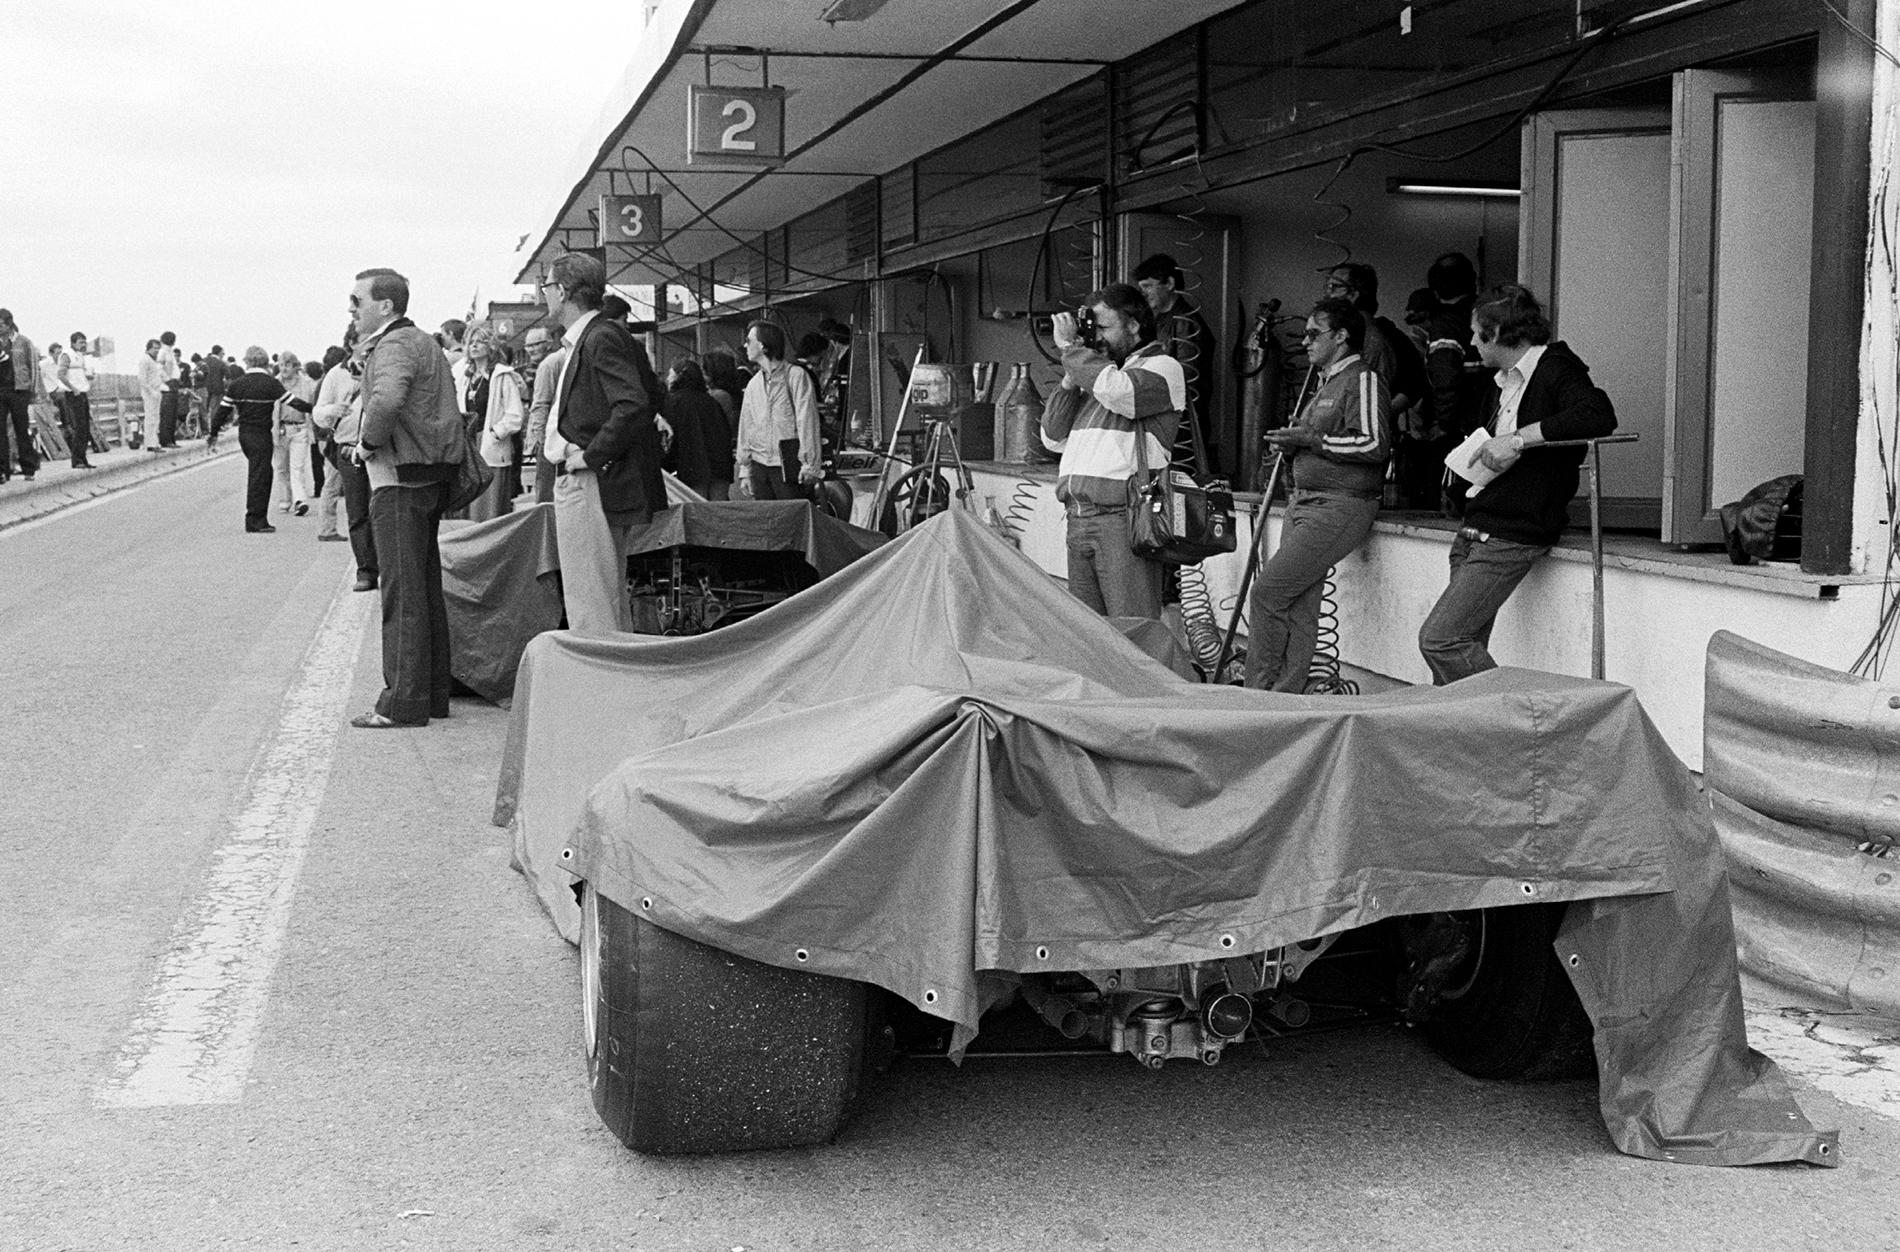 Circuito del Jarama - 1980 - Boxes